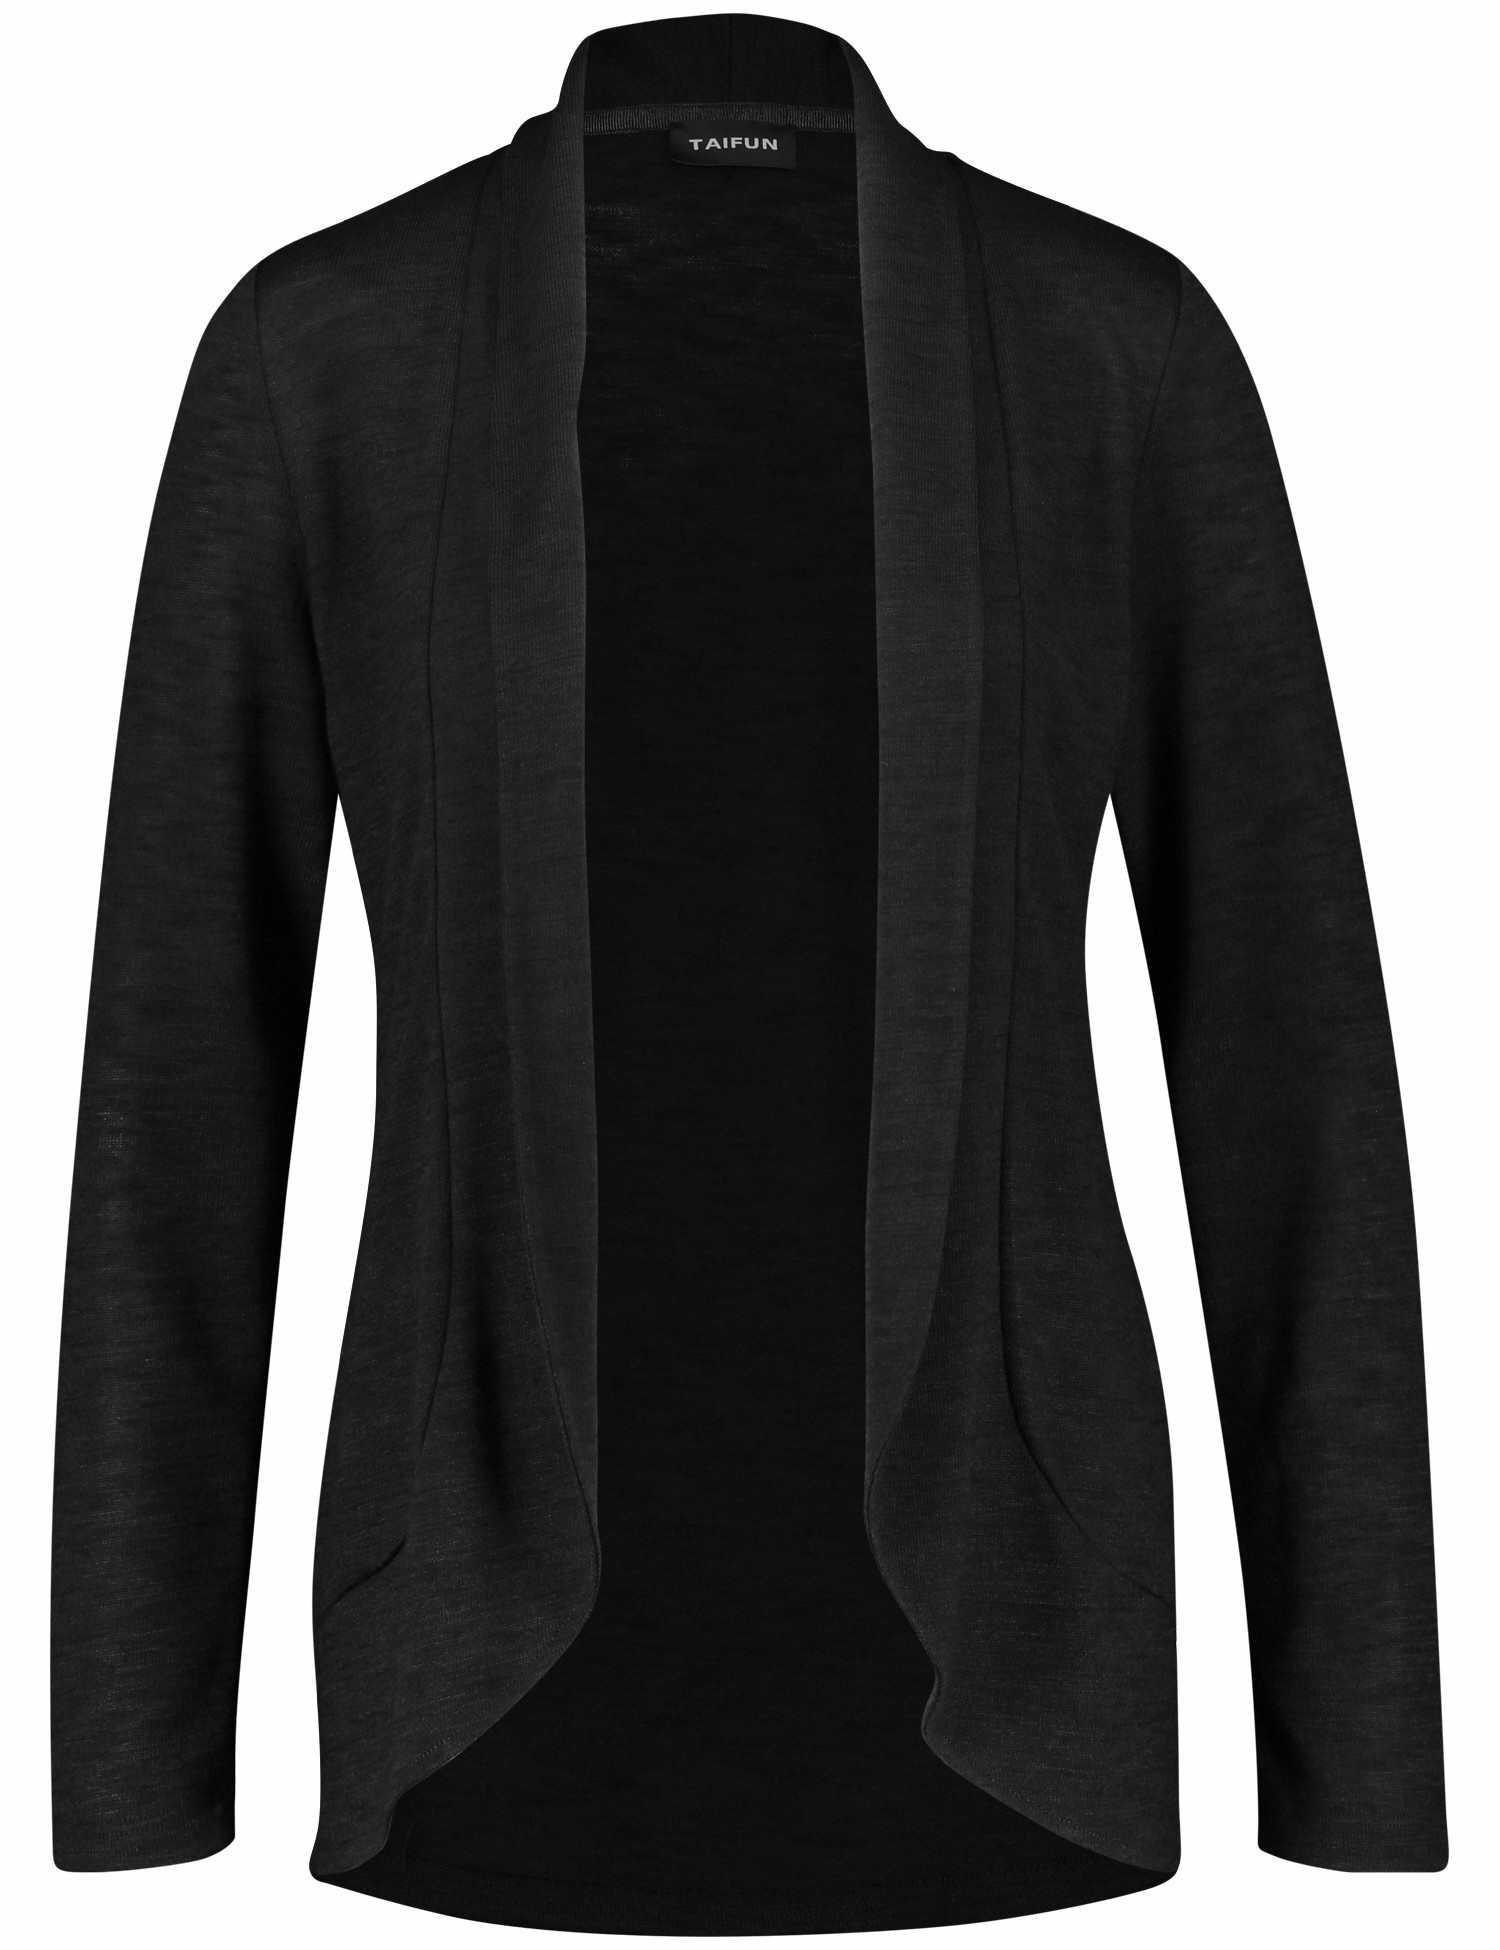 TAIFUN Jacken in schwarz günstig kaufen